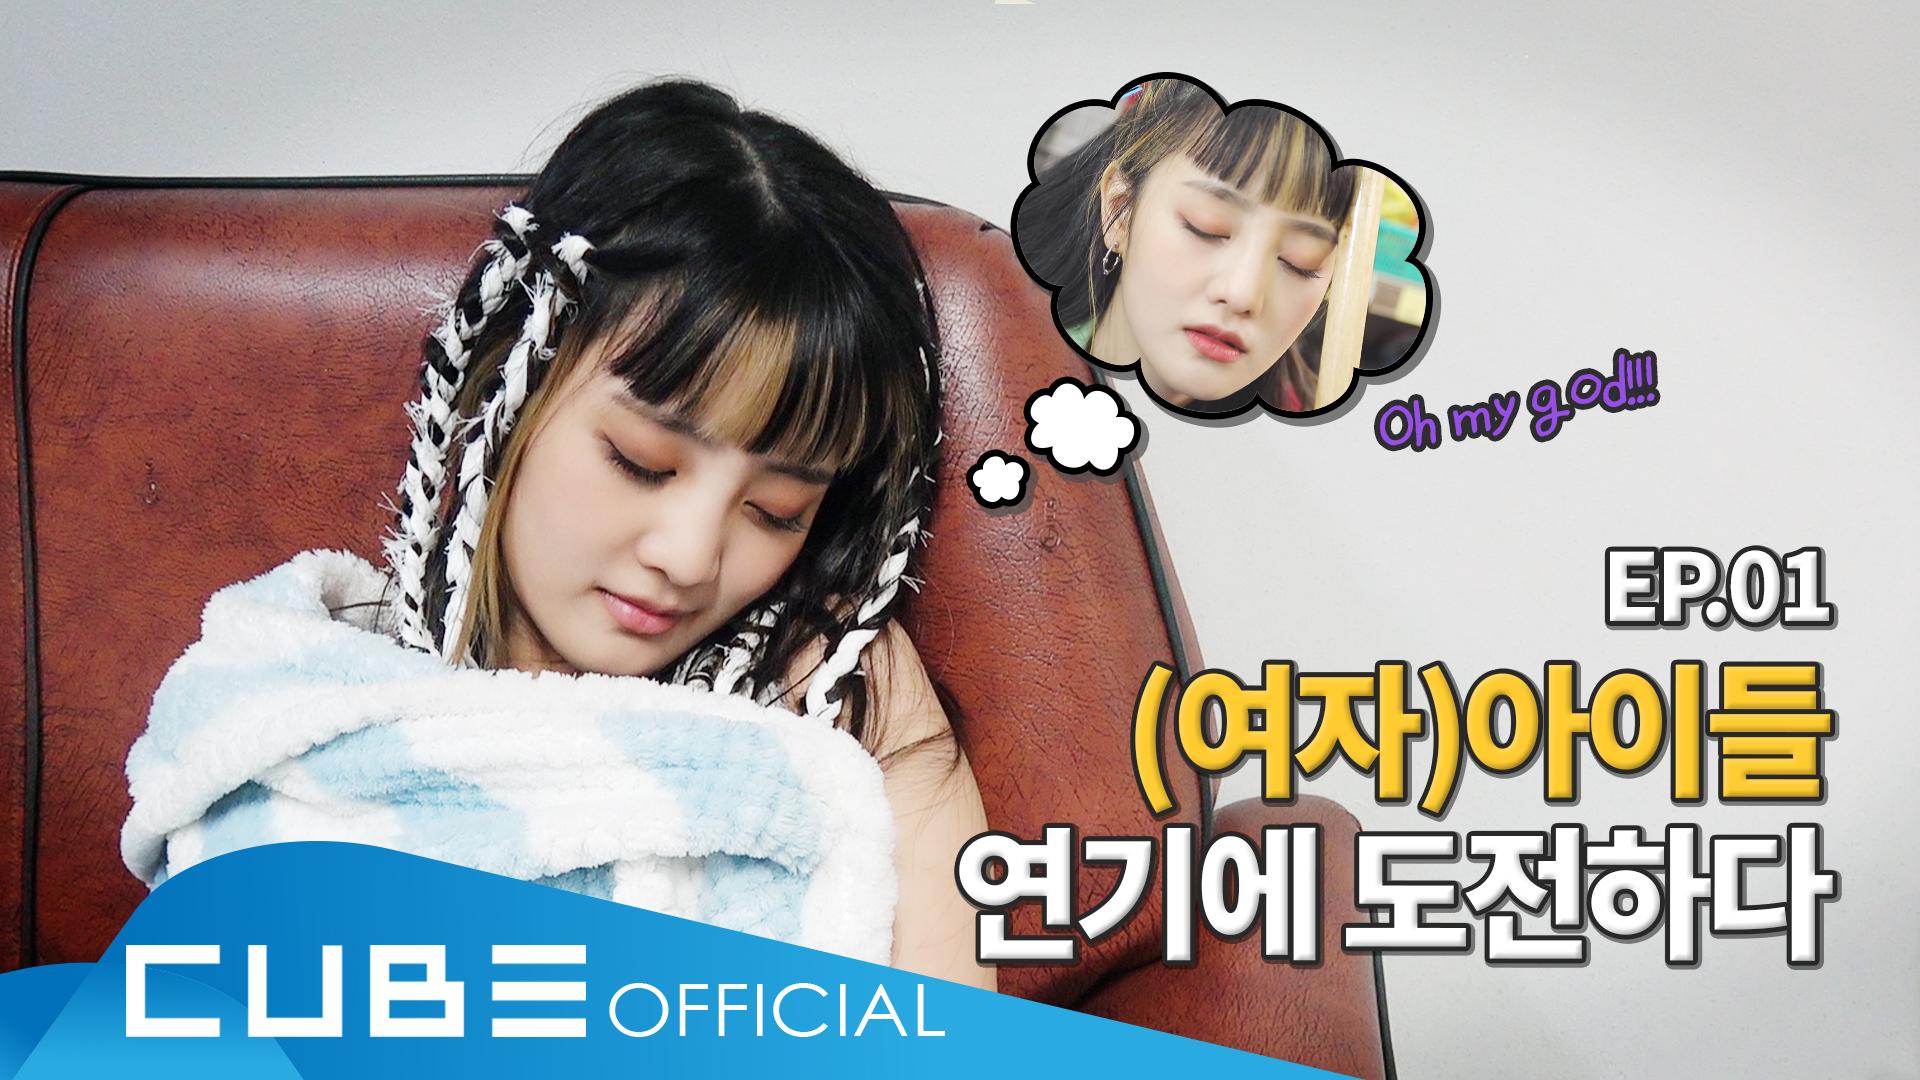 (여자)아이들 - I-TALK #57 : 'Oh my god' 첫방 비하인드 Part 1